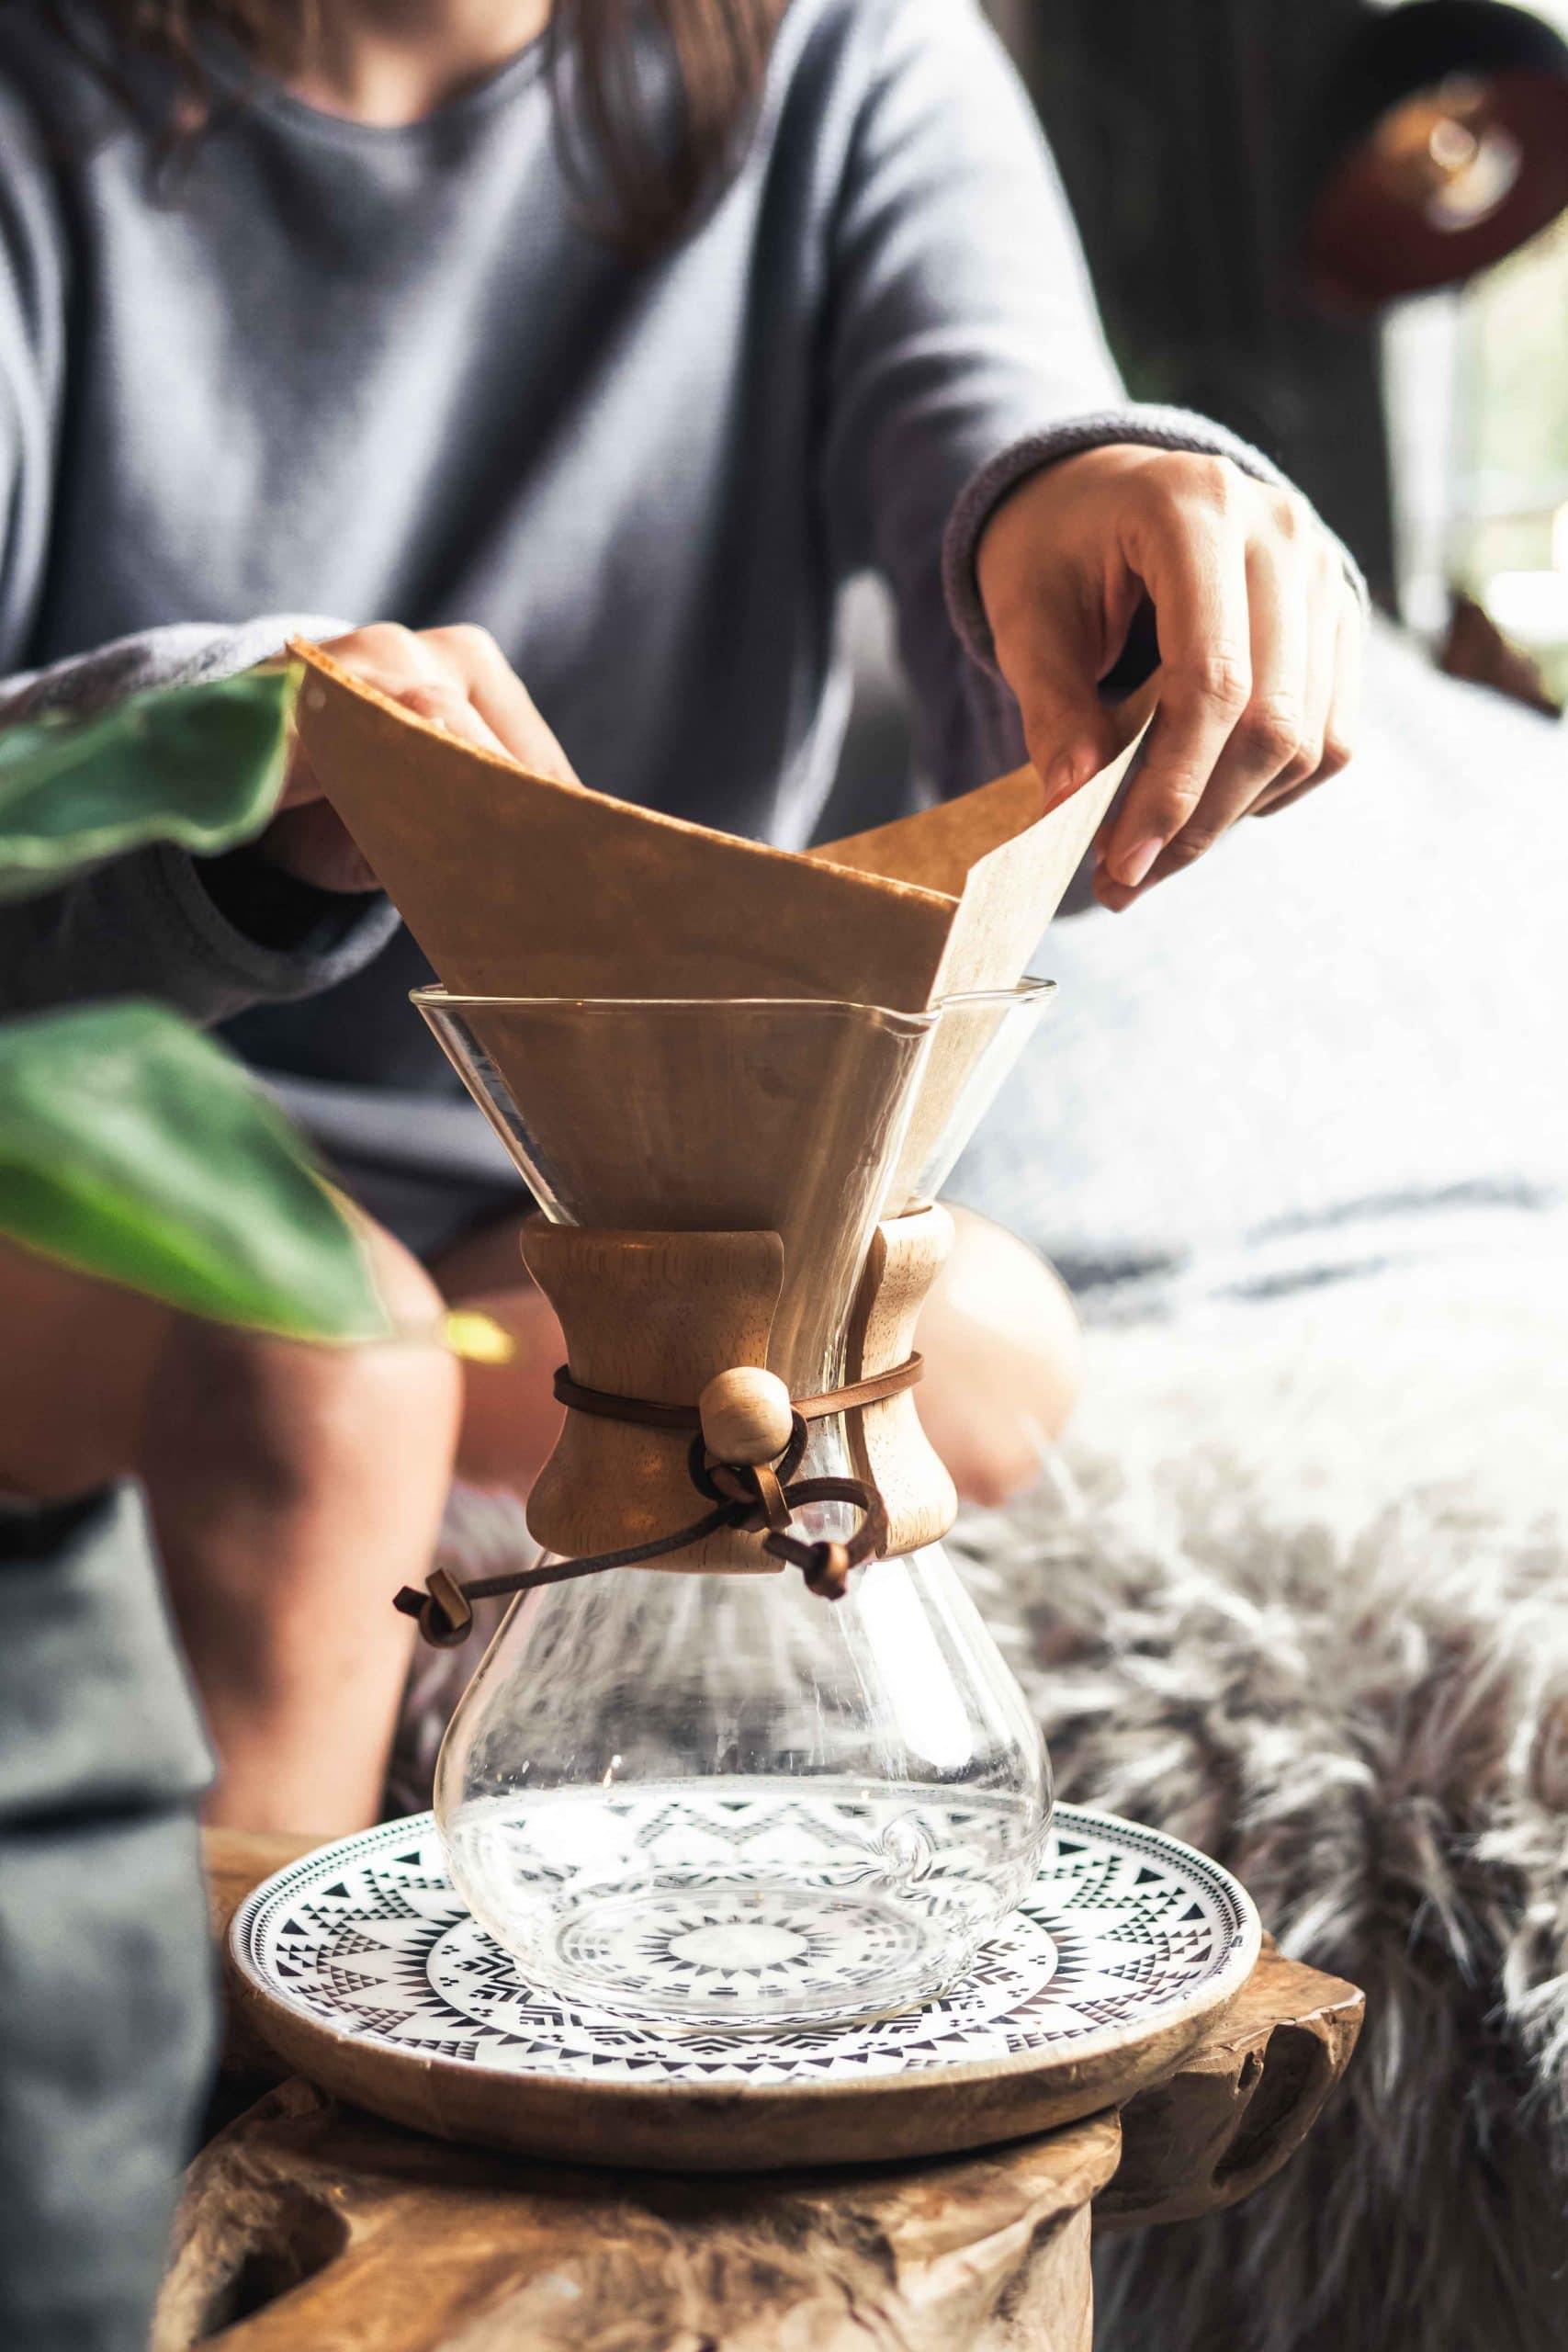 barista royal kaffee 27 von 130 scaled